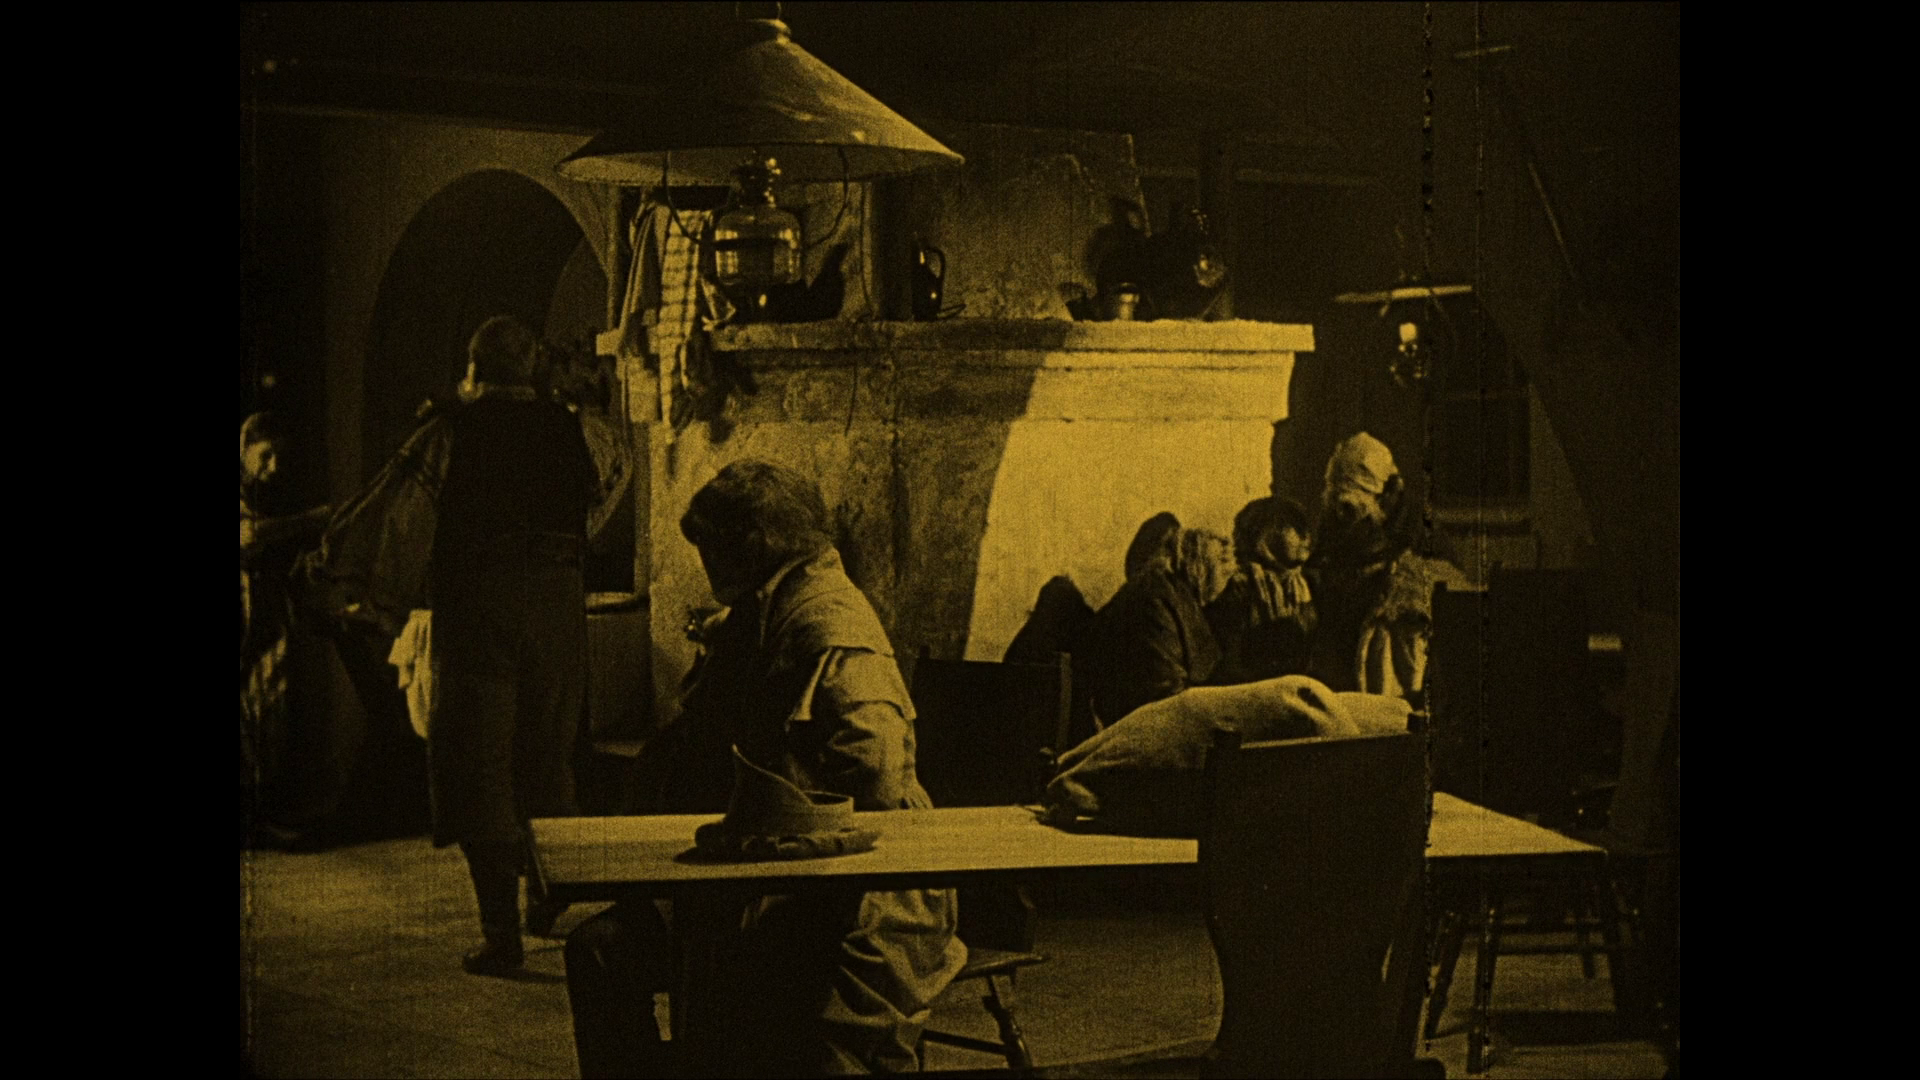 悠悠MP4_MP4电影下载_诺斯费拉图 Nosferatu.A.Symphony.of.Horror.1922.GERMAN.1080p.BluRay.x264.DTS-HDS 17.81